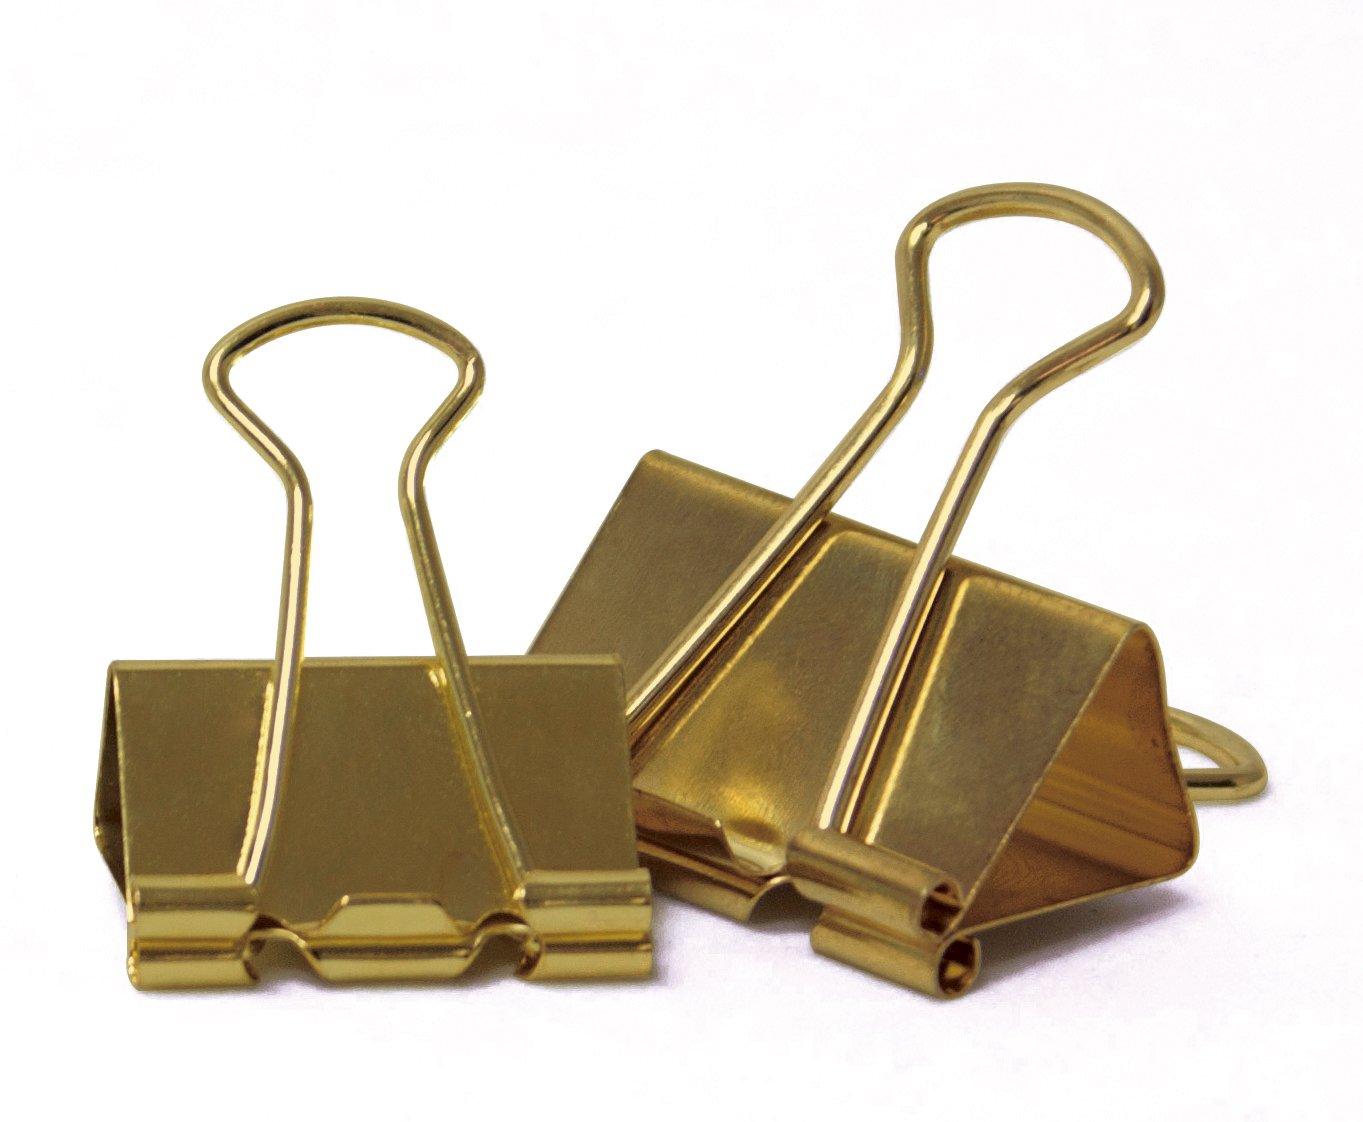 vergoldet 12/x Tischdeckenbeschwerer Klemmbrett wendbar Edelstahl plus Office 10/mm